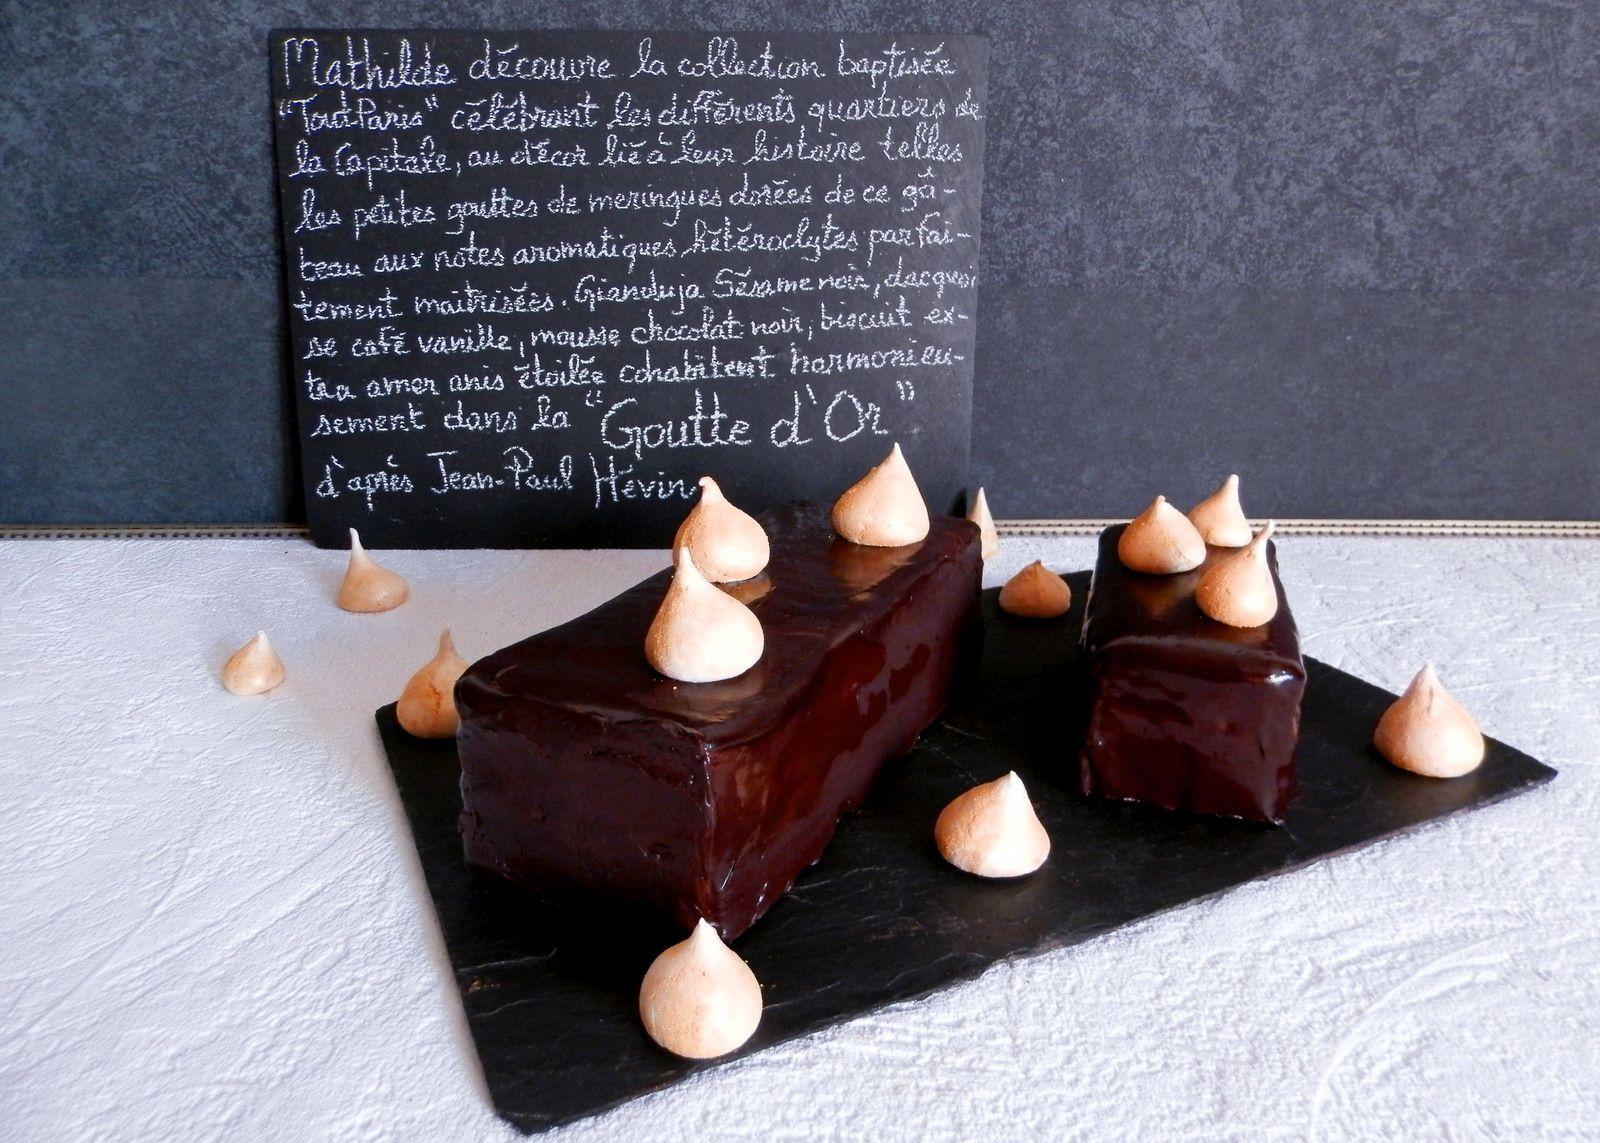 Goutte D'Or d'après Jean-Paul Hévin : Duja sésame noir, dacquoise noisette café imbibé d'un sirop vanille, mousse chocolat noir, biscuit extra-amer anis étoilé